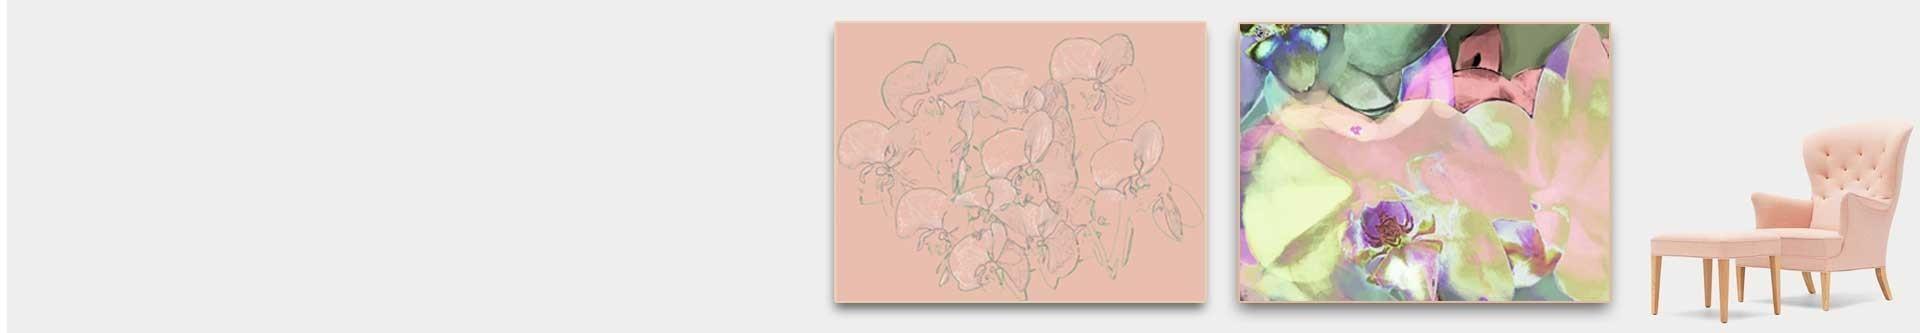 Obrazy storczyki na płótnie, plakaty orchidee • grafikiobrazy.pl